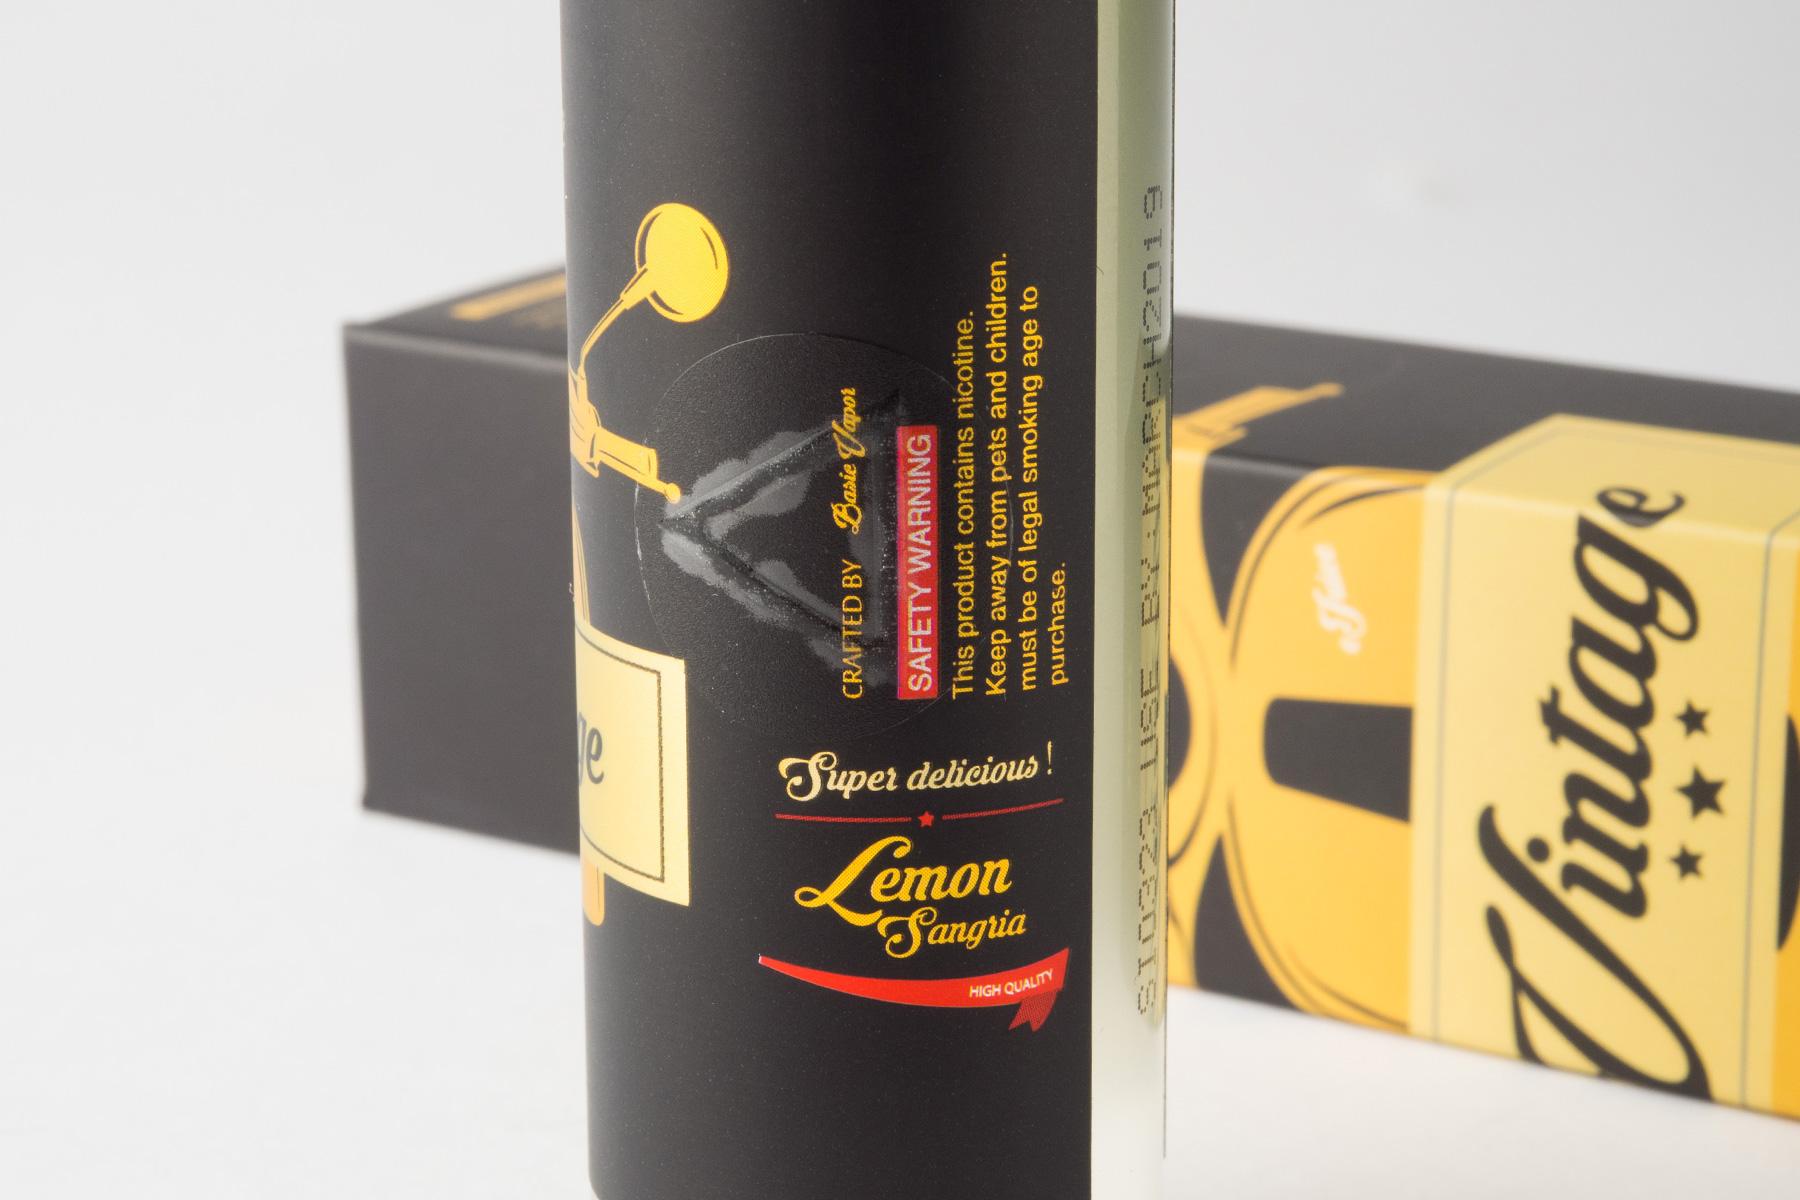 【リキッド】Lemon Sangria「レモン サングリア」 (Basic Vapor/ベーシックベイパー) レビュー